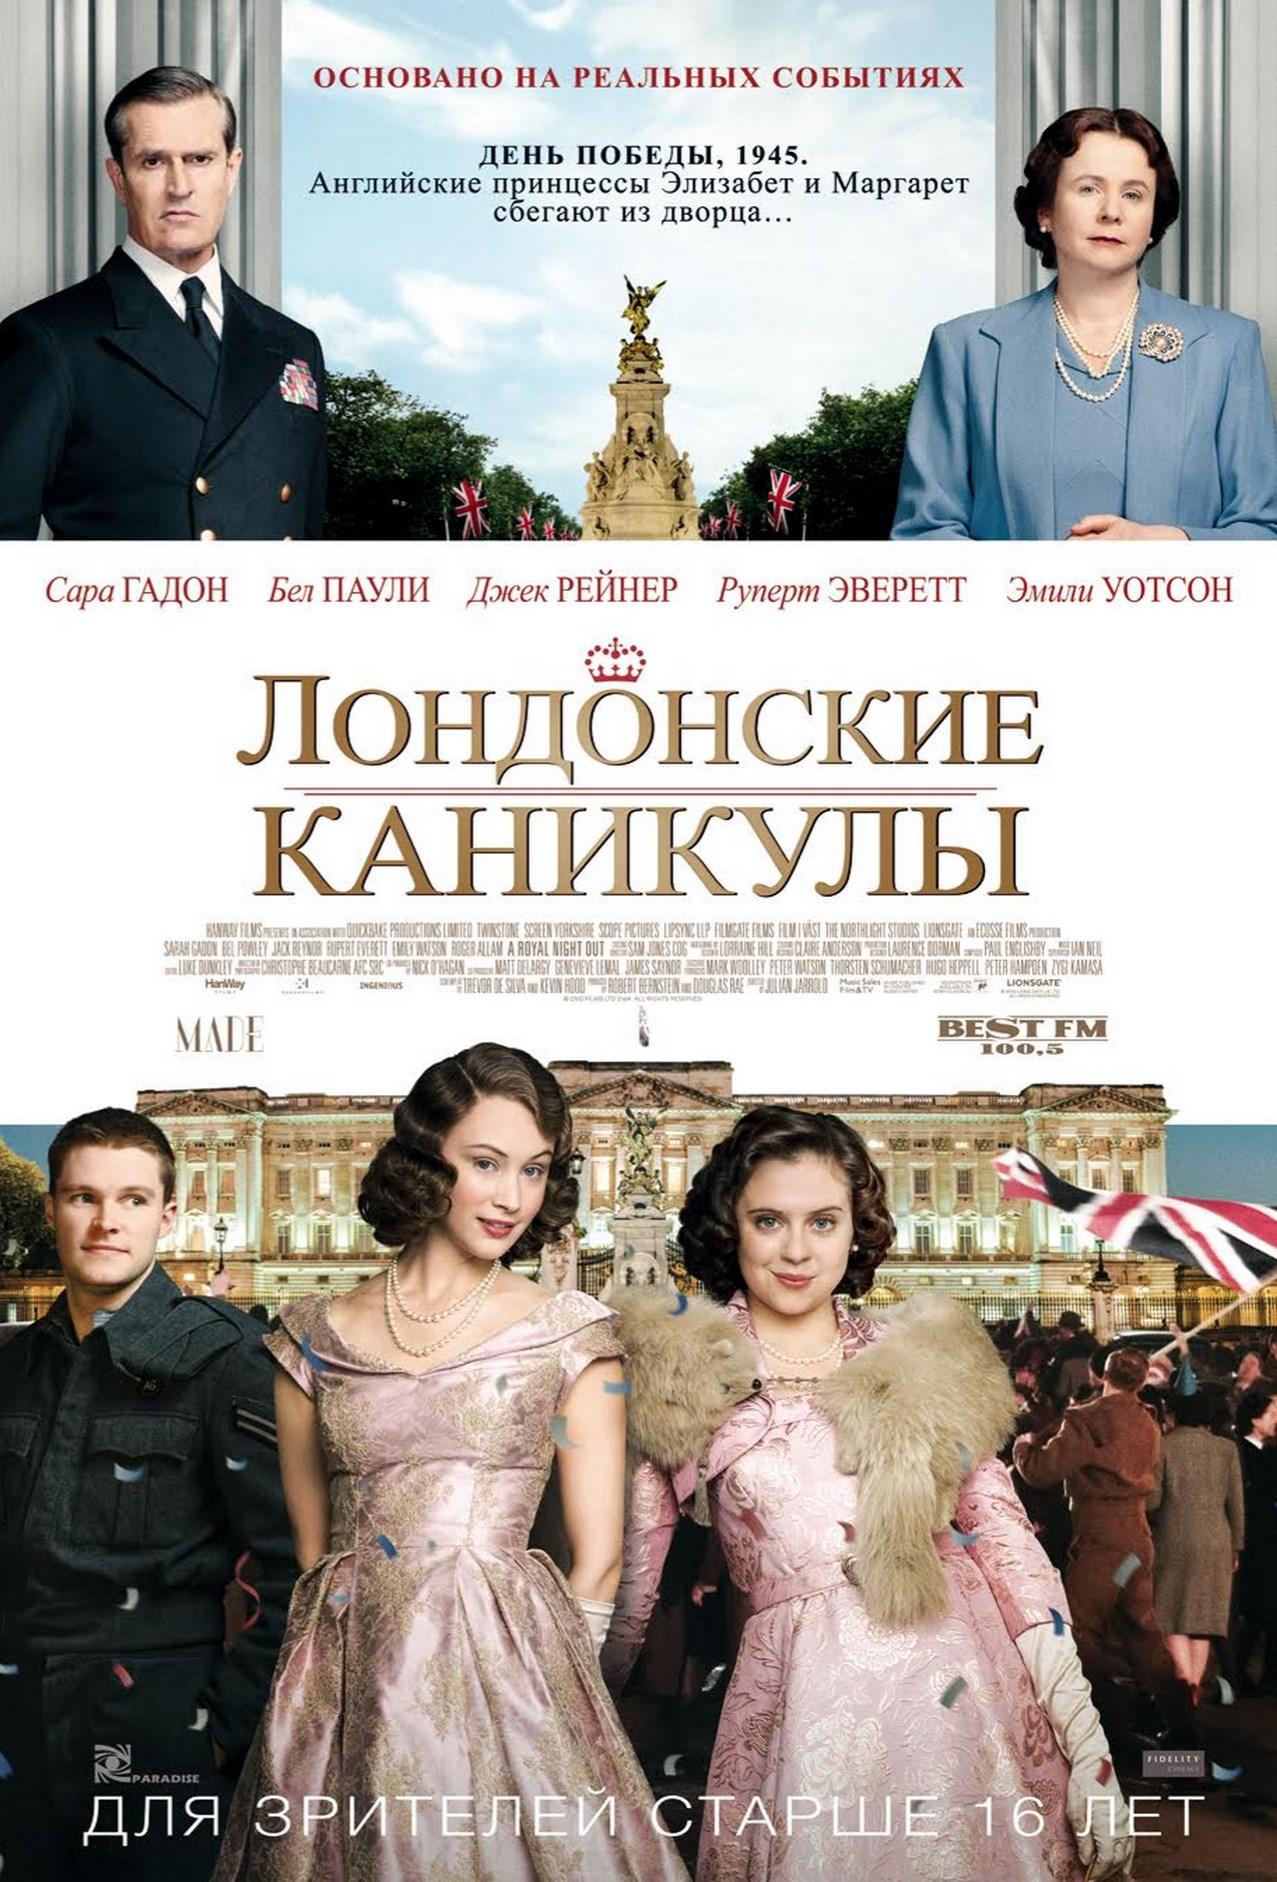 «Сериалы Популярные На Первом Канале» / 2004